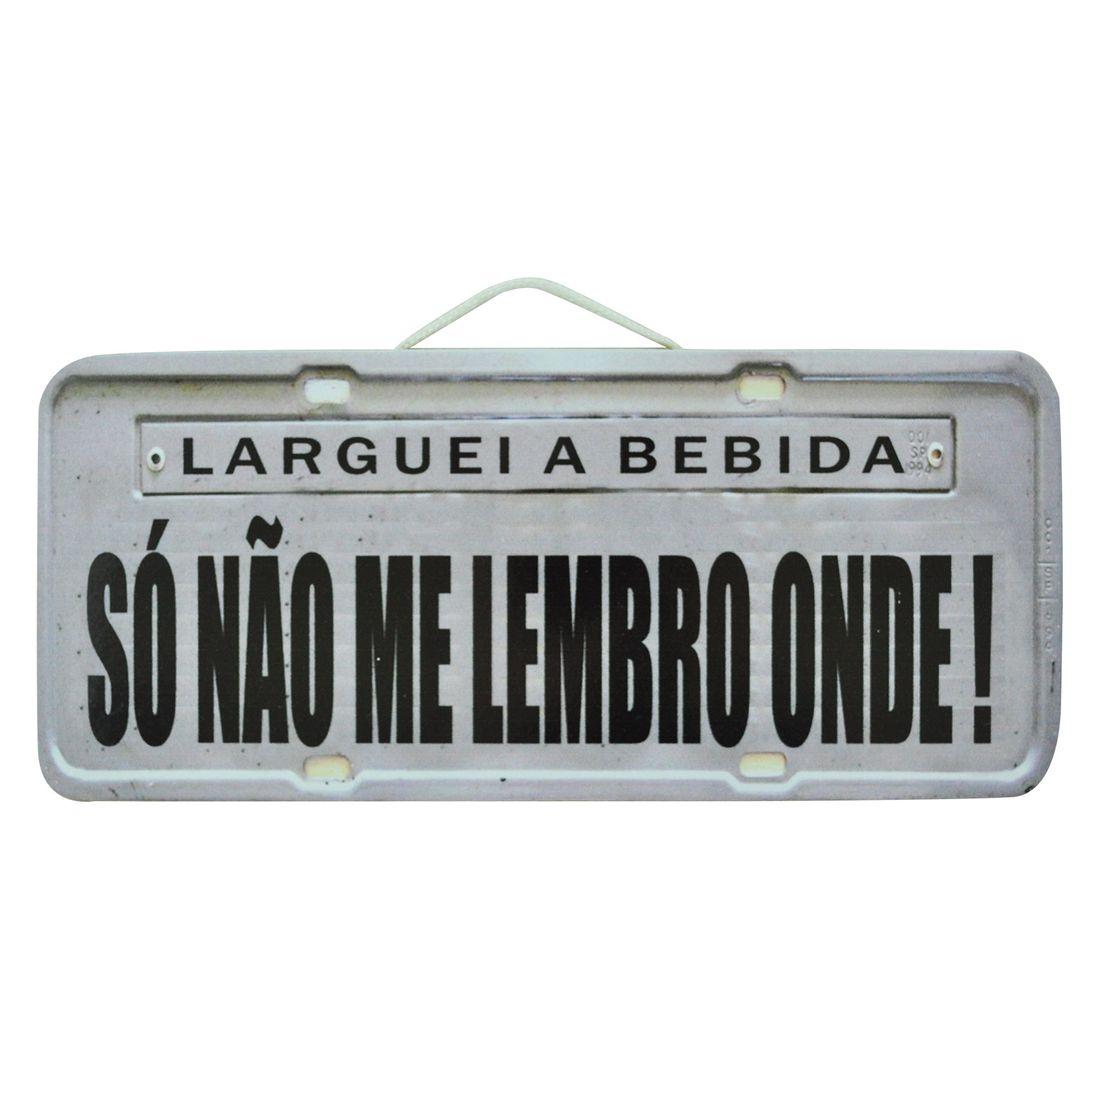 PLACA_CARRO_LARGUEI_A_BEBIDA_SO_NAO_SEI_ONDE_MDF_FRENTE